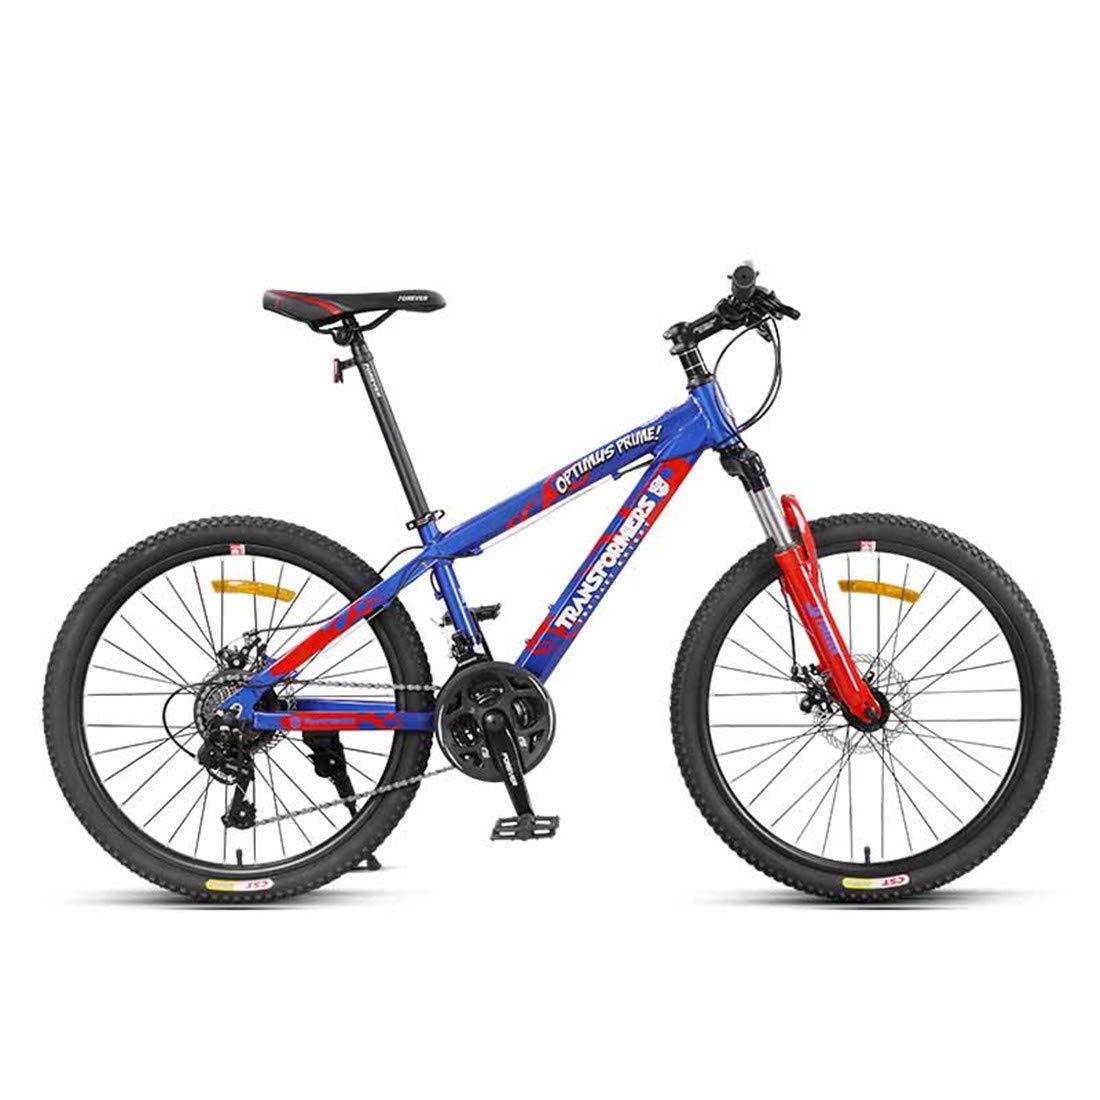 大人のための二重衝撃吸収性の携帯用バイク21の速度折目の自転車  blue B07P6G1V3Q